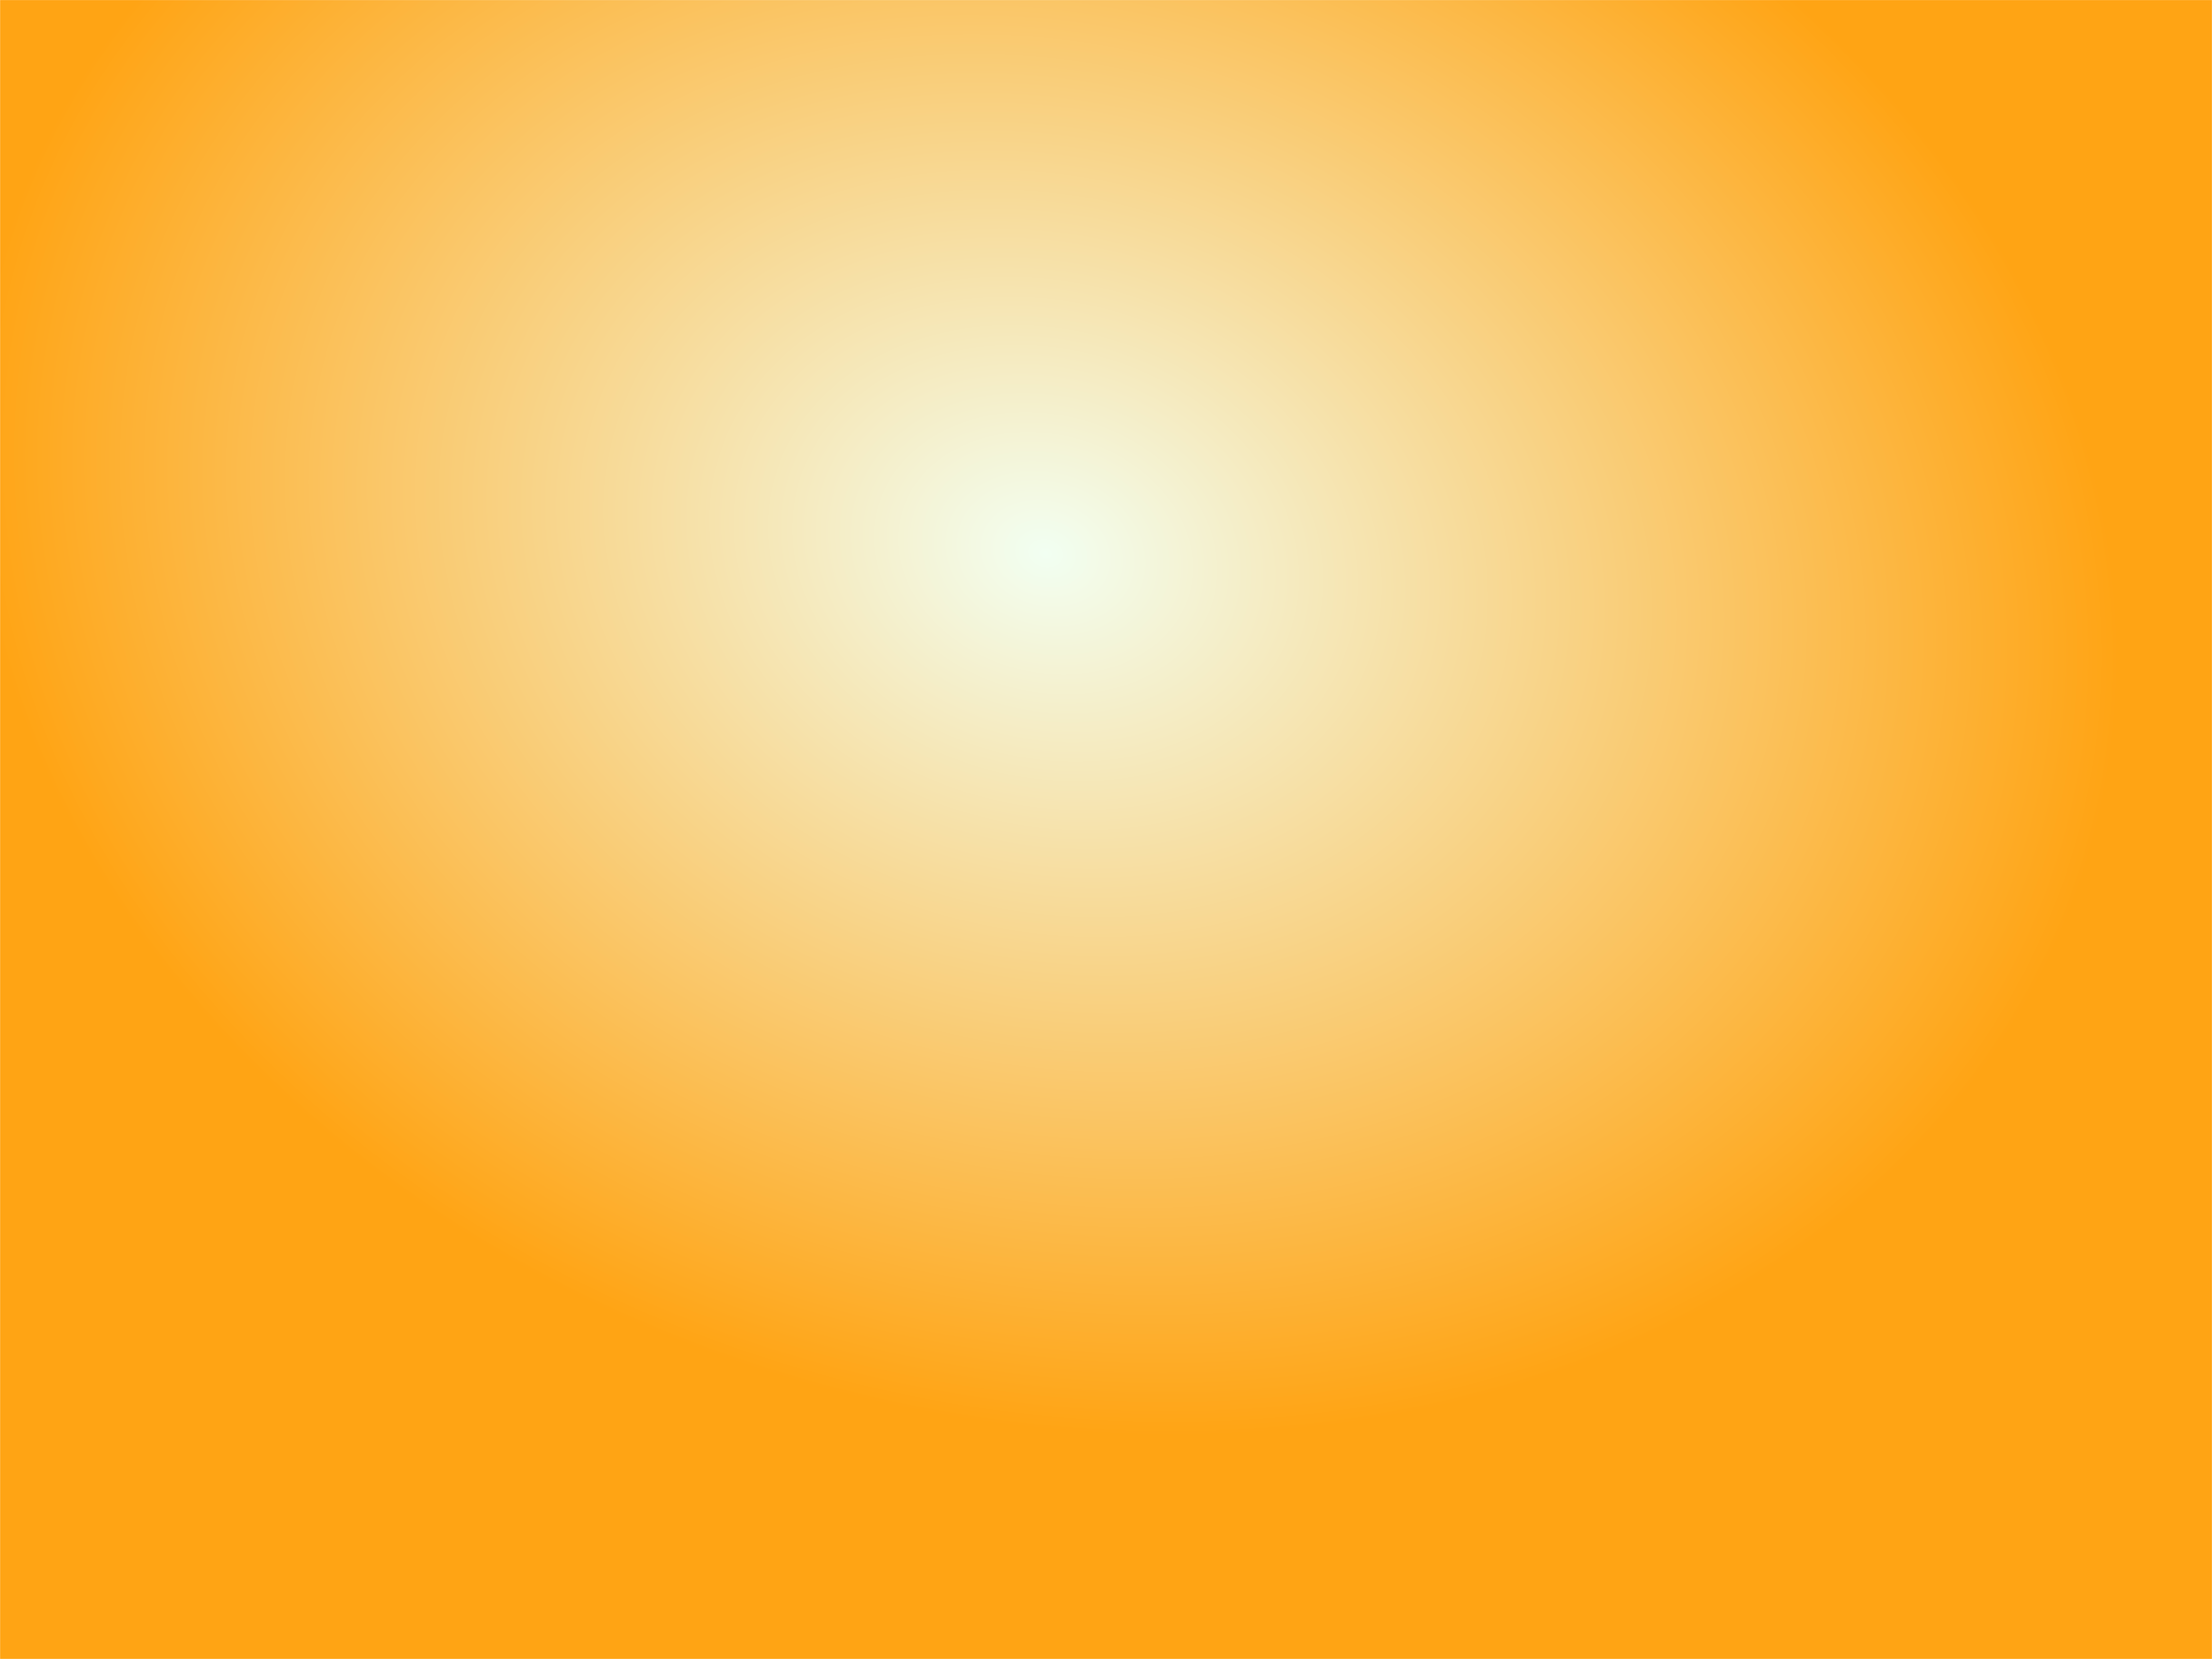 Background Orange